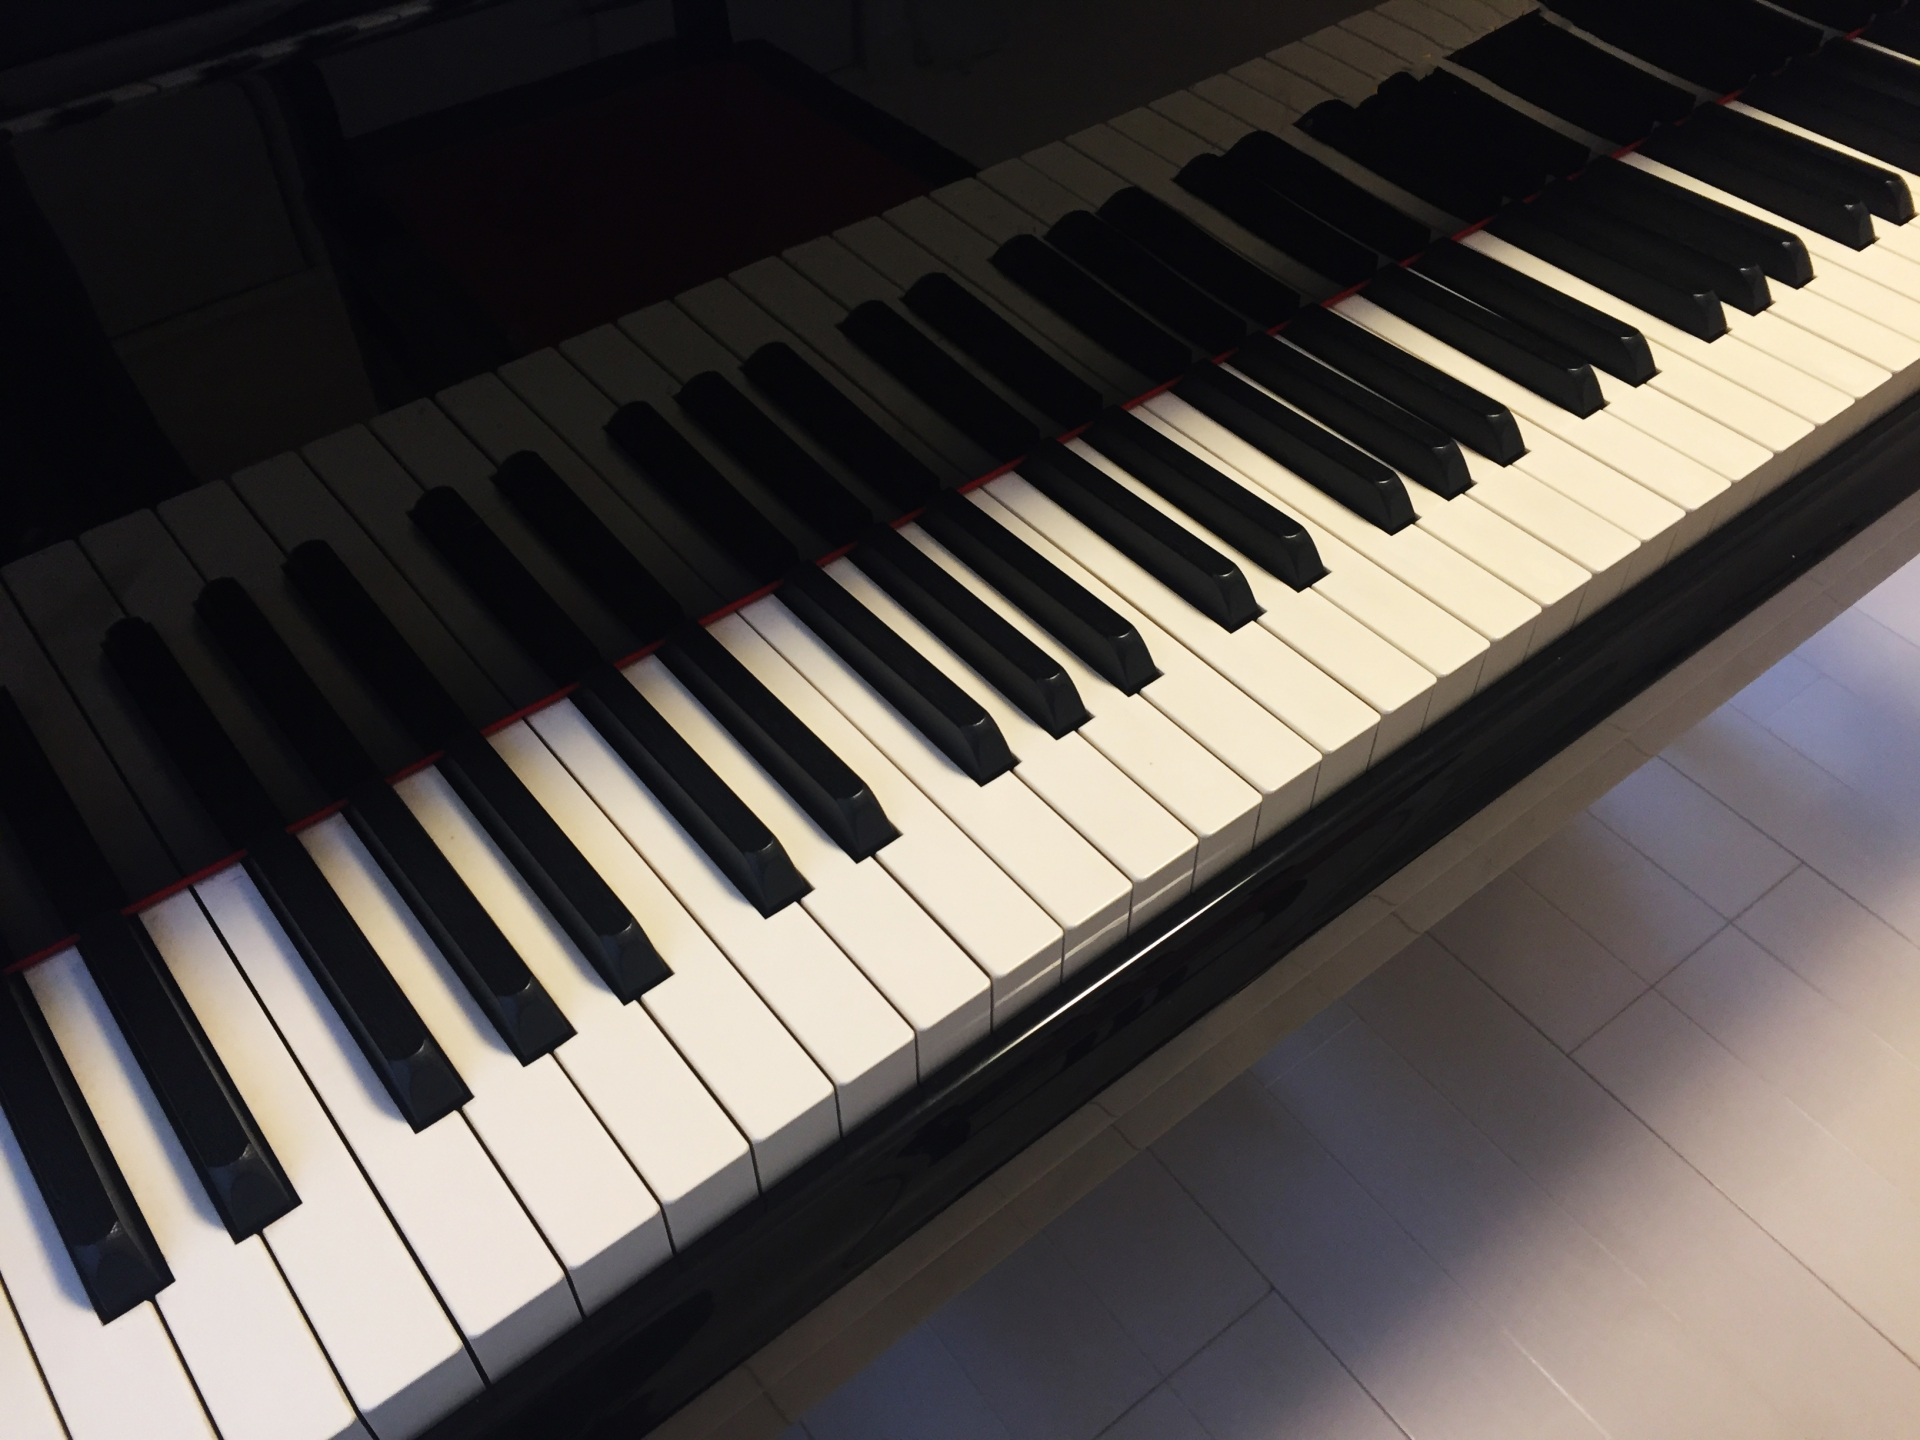 ピアノの両手練習のコツ!初心者に試してほしいピアノ練習法